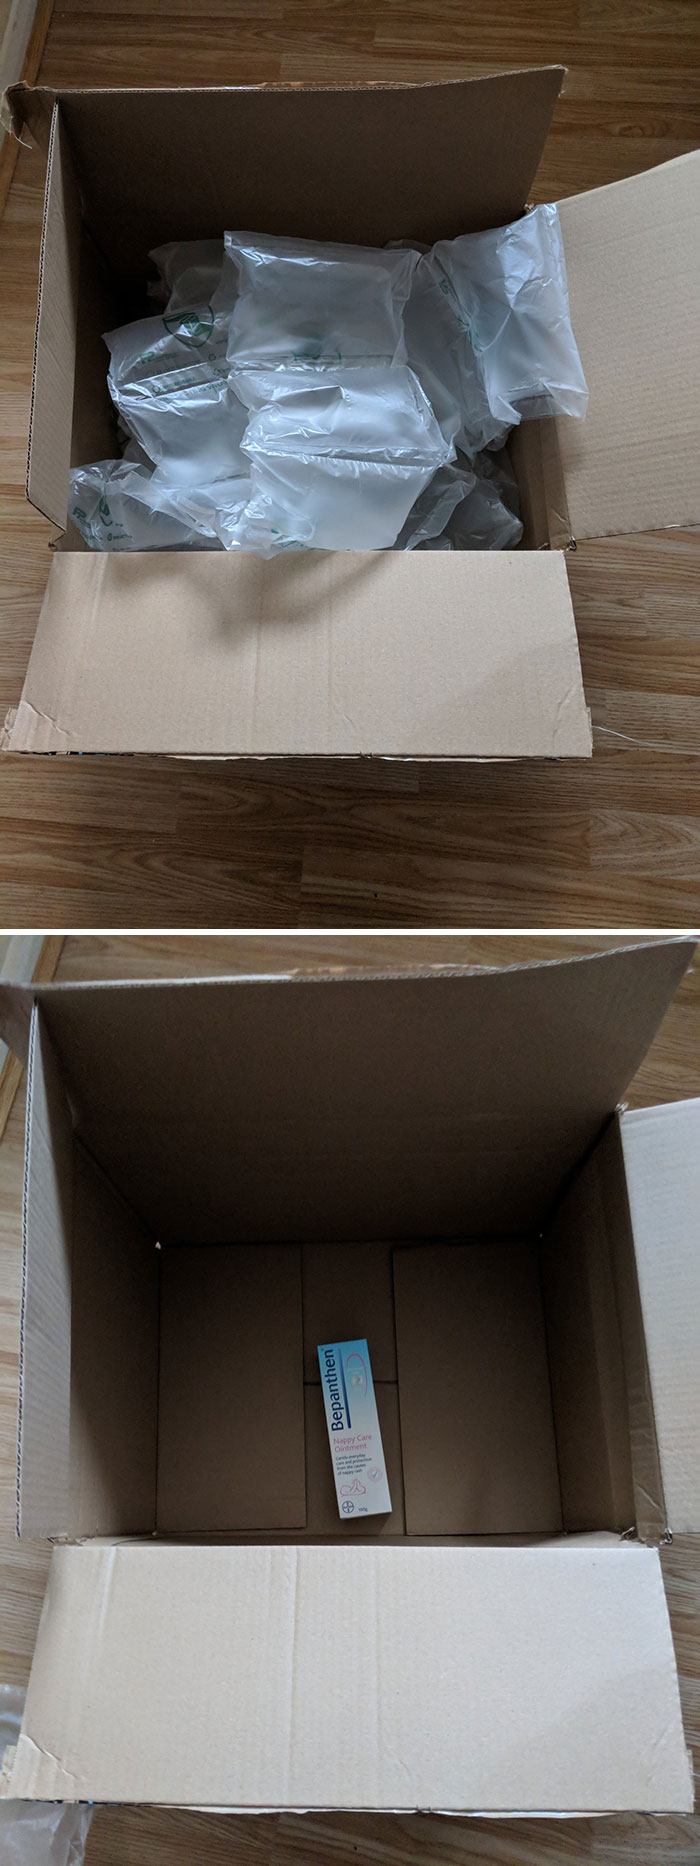 Amazon... Really?!